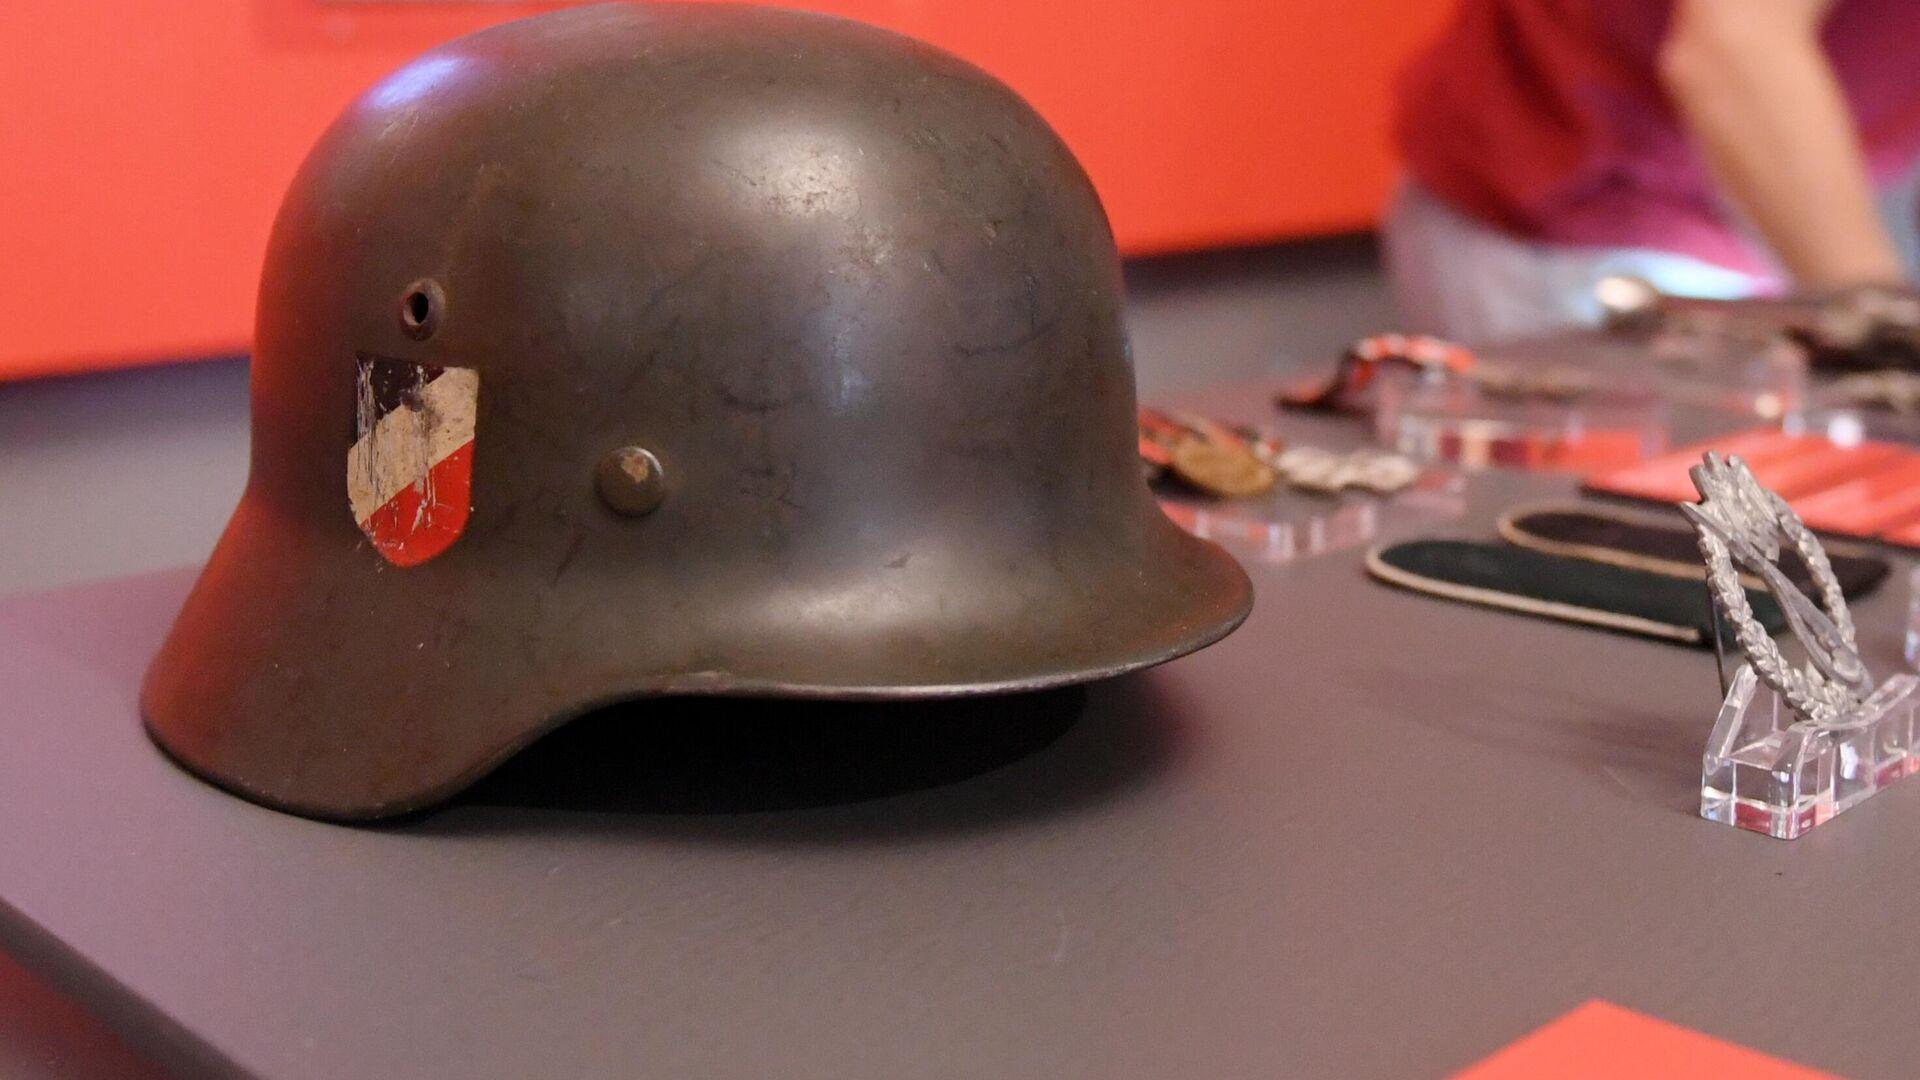 Стальной шлем М-35 образца 1935 года (Германия, 1-я половина XX века), представленный на открытии историко-документальной выставки 1939 год. Начало Второй мировой войны в Выставочном зале федеральных архивов в Москве - РИА Новости, 1920, 14.10.2020